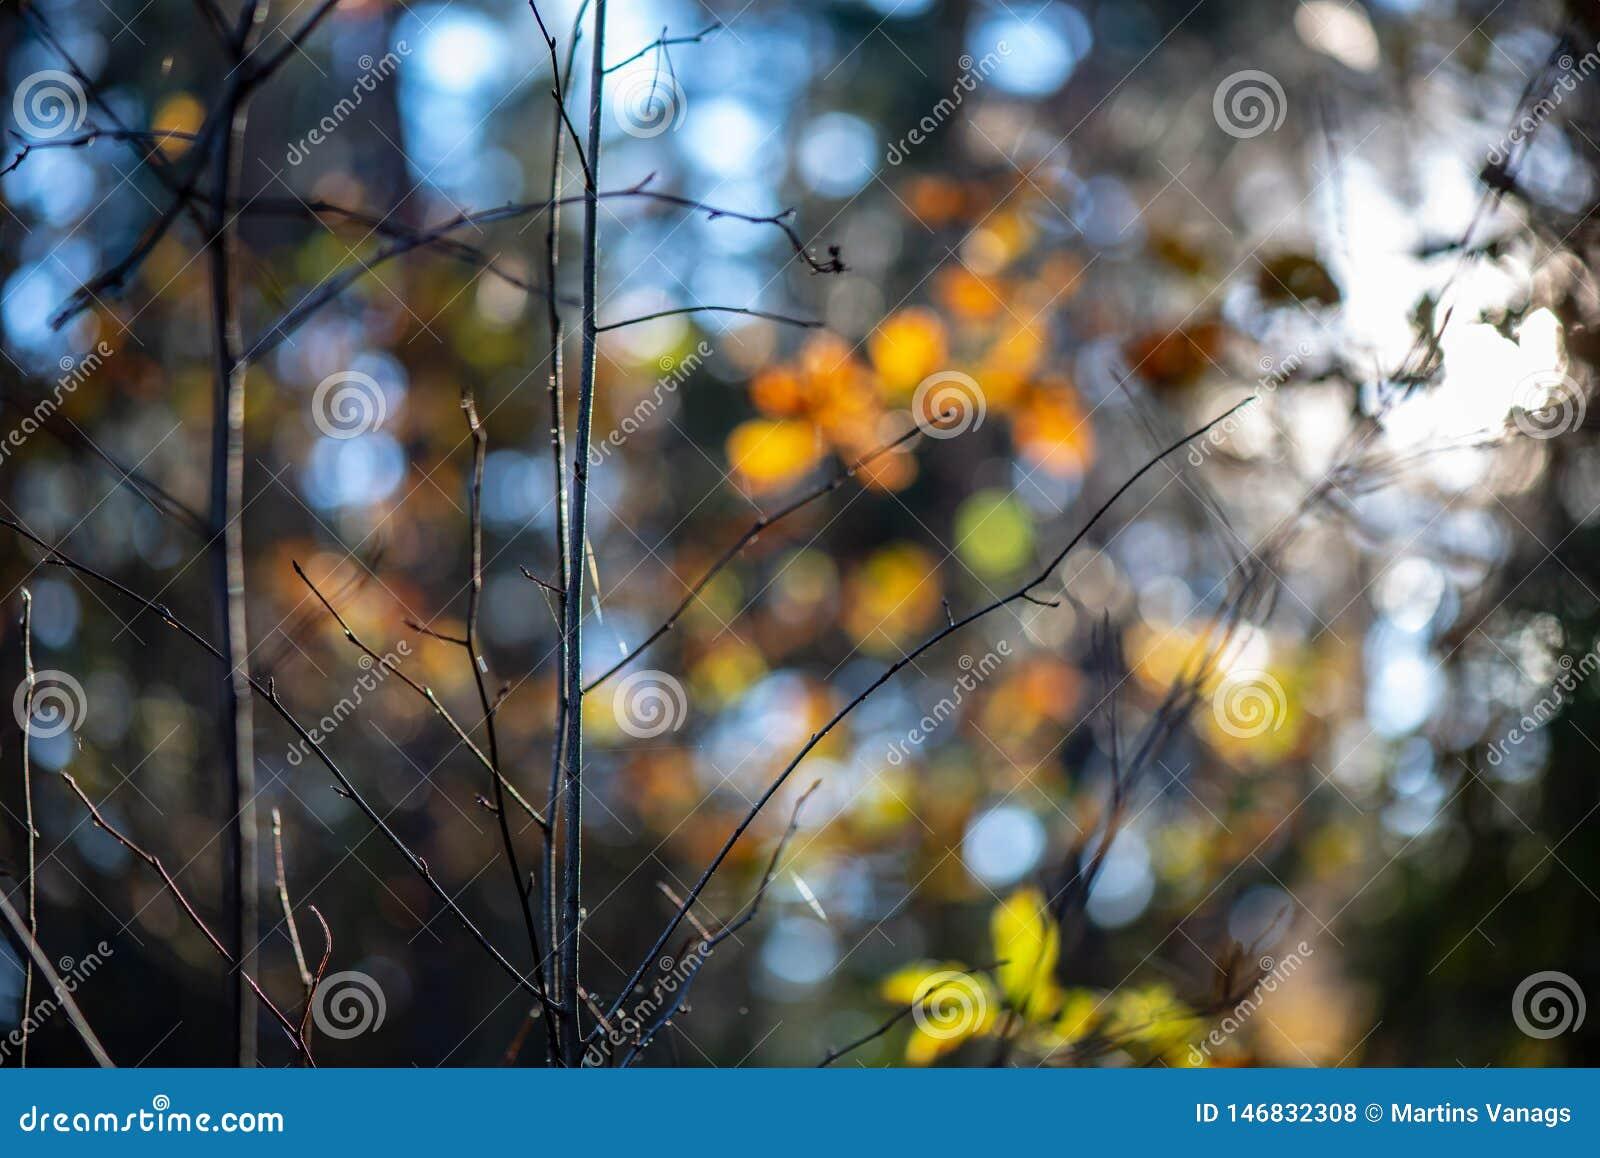 χρυσά χρωματισμένα φύλλα φθινοπώρου με τους κλάδους υποβάθρου και δέντρων θαμπάδων